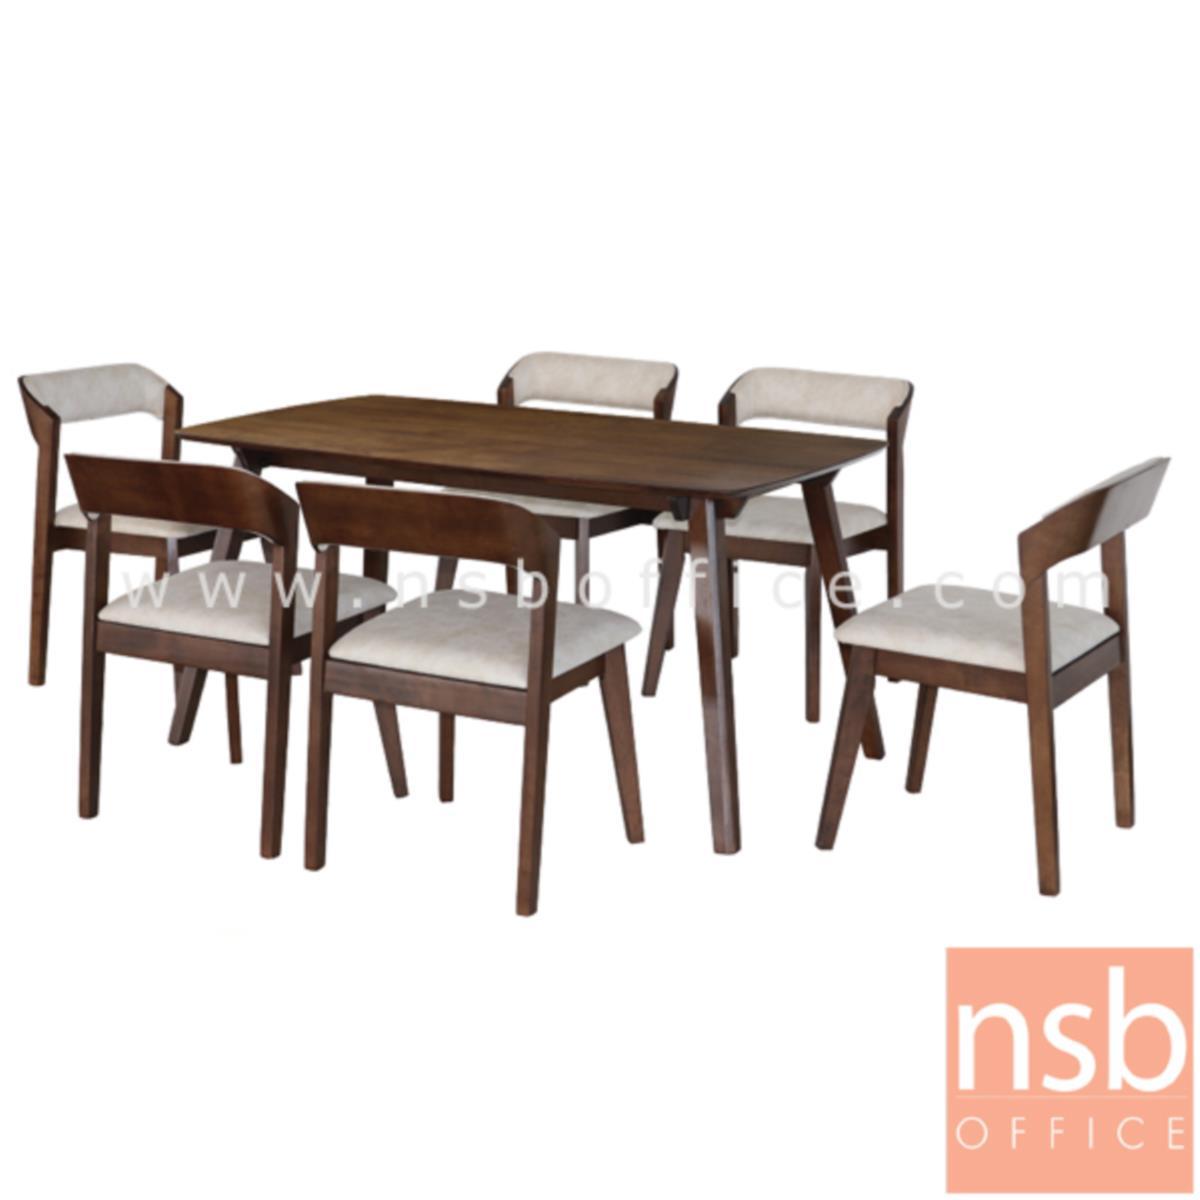 โต๊ะรับประทานอาหารหน้าไม้ รุ่น Plant (แพลนต์) ขนาด 147W cm.